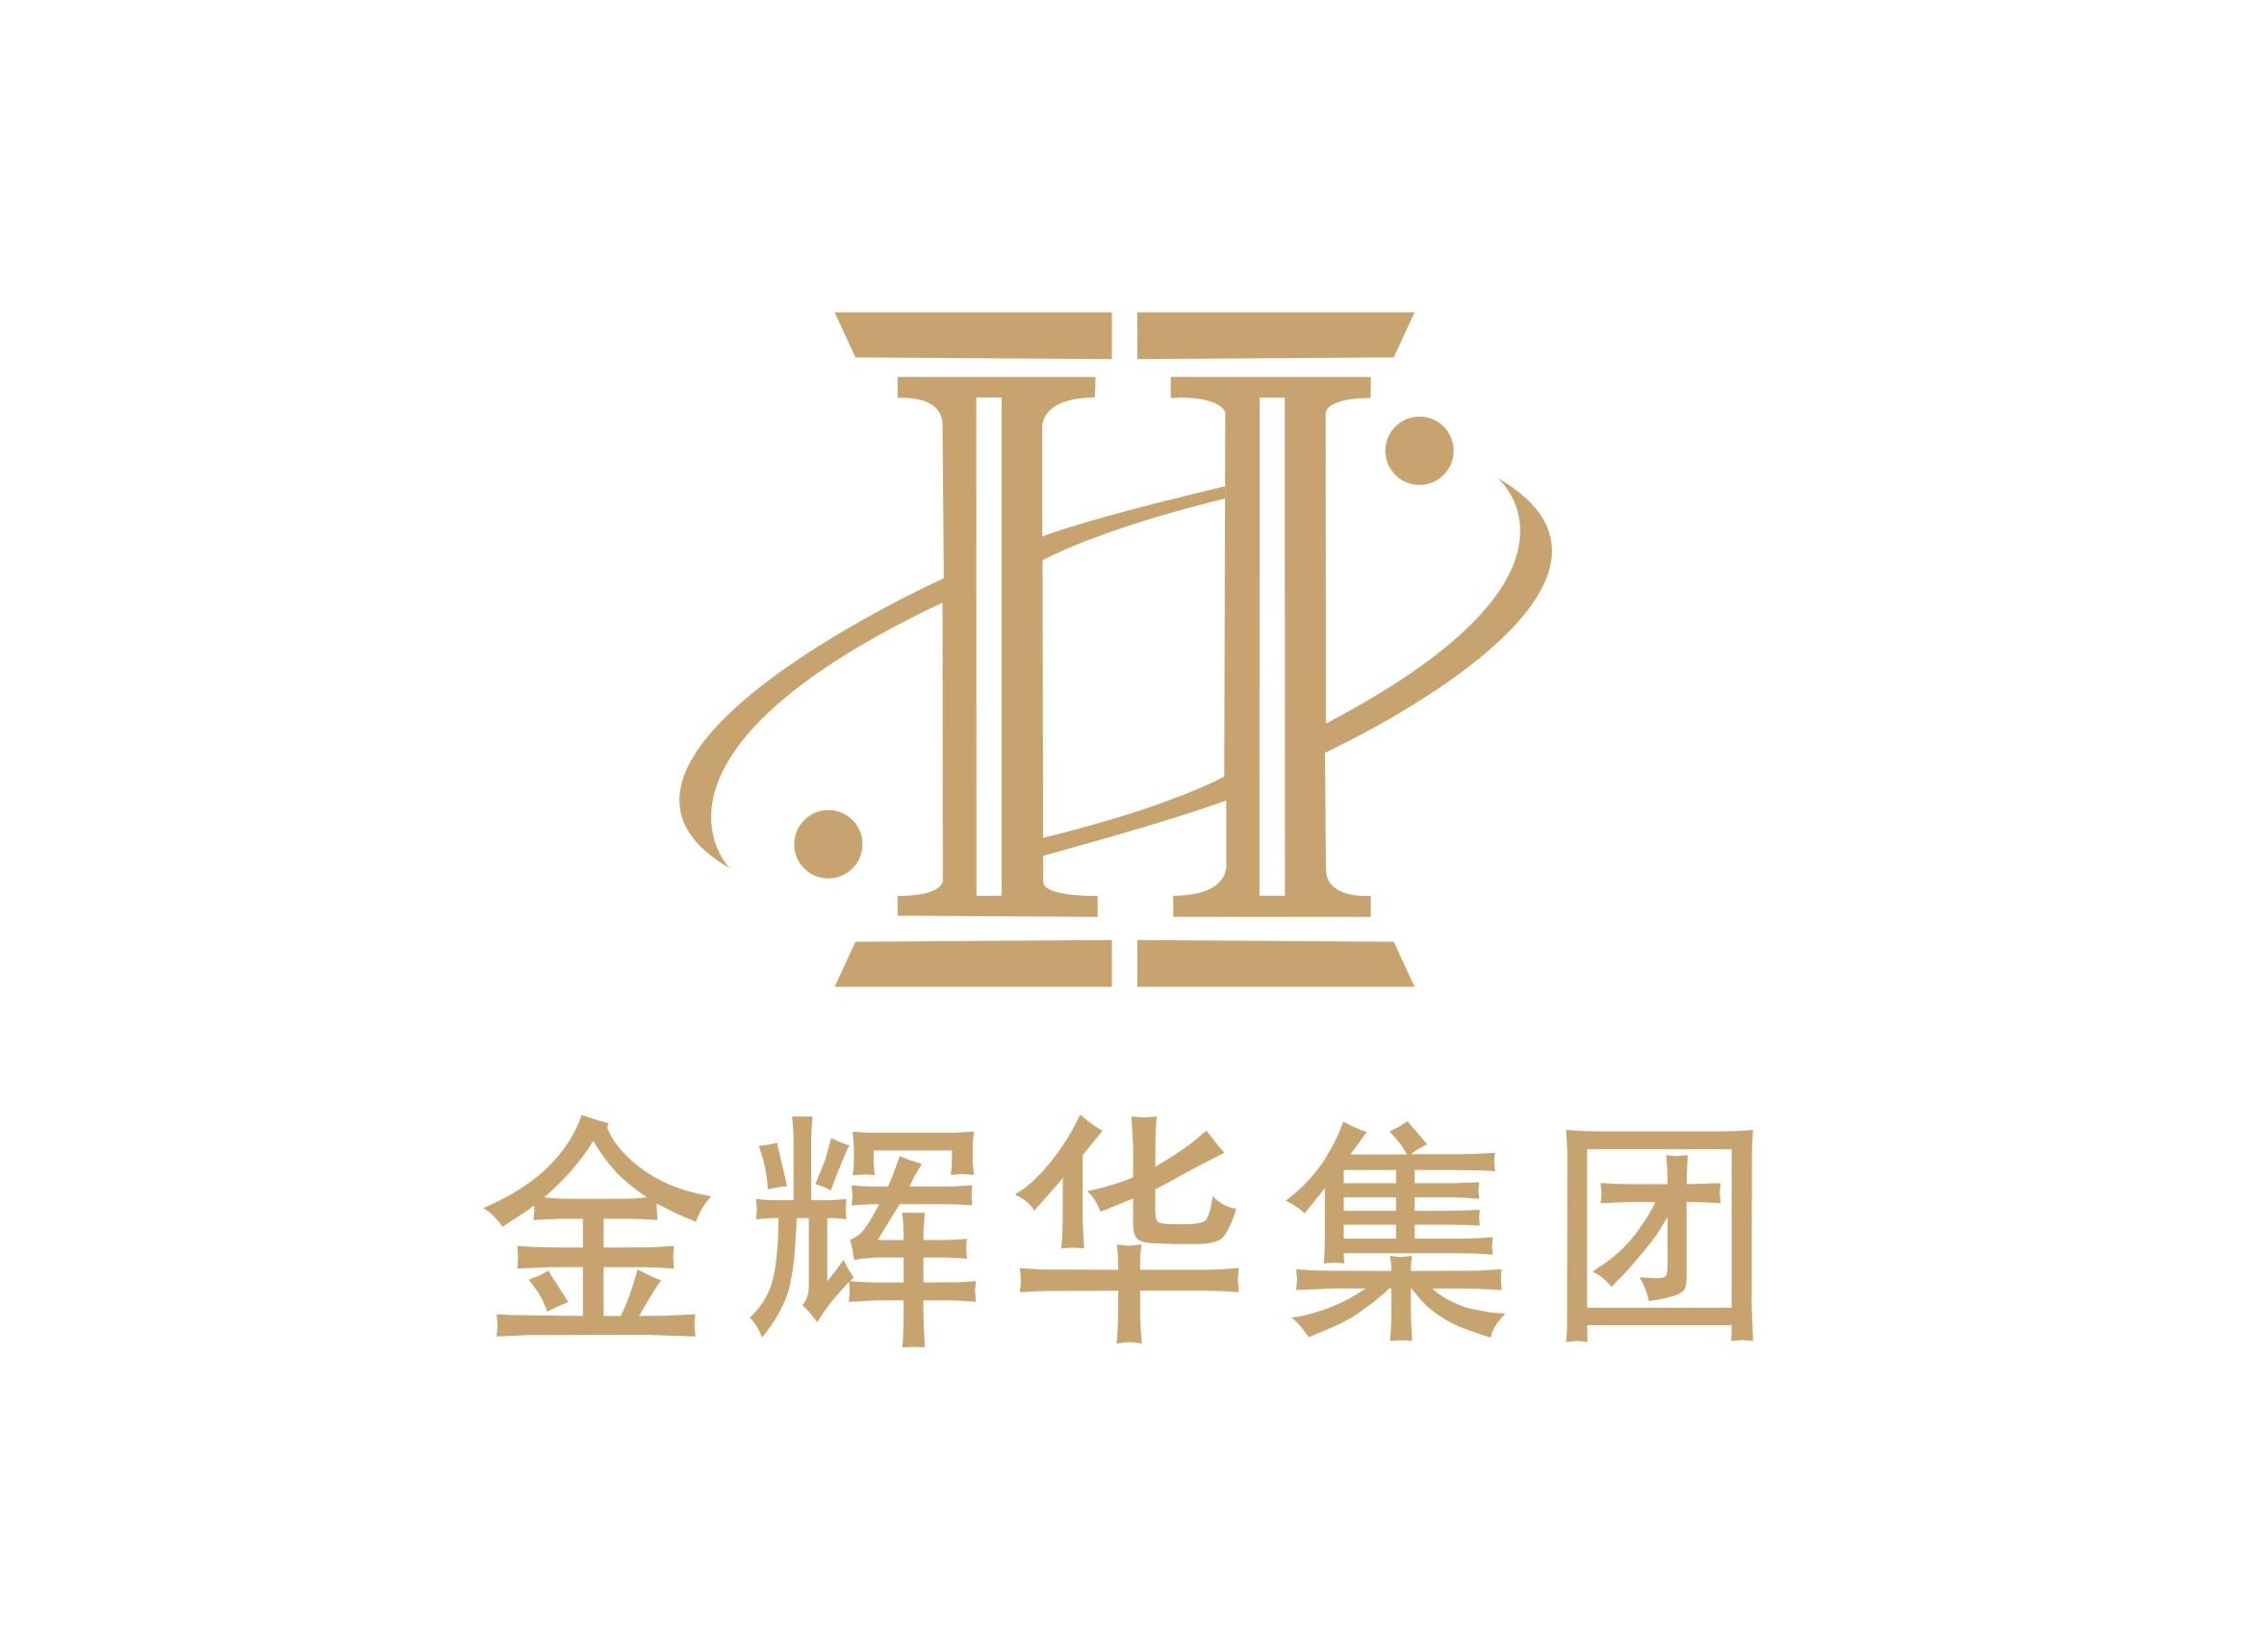 廣東金輝華集團有限公司